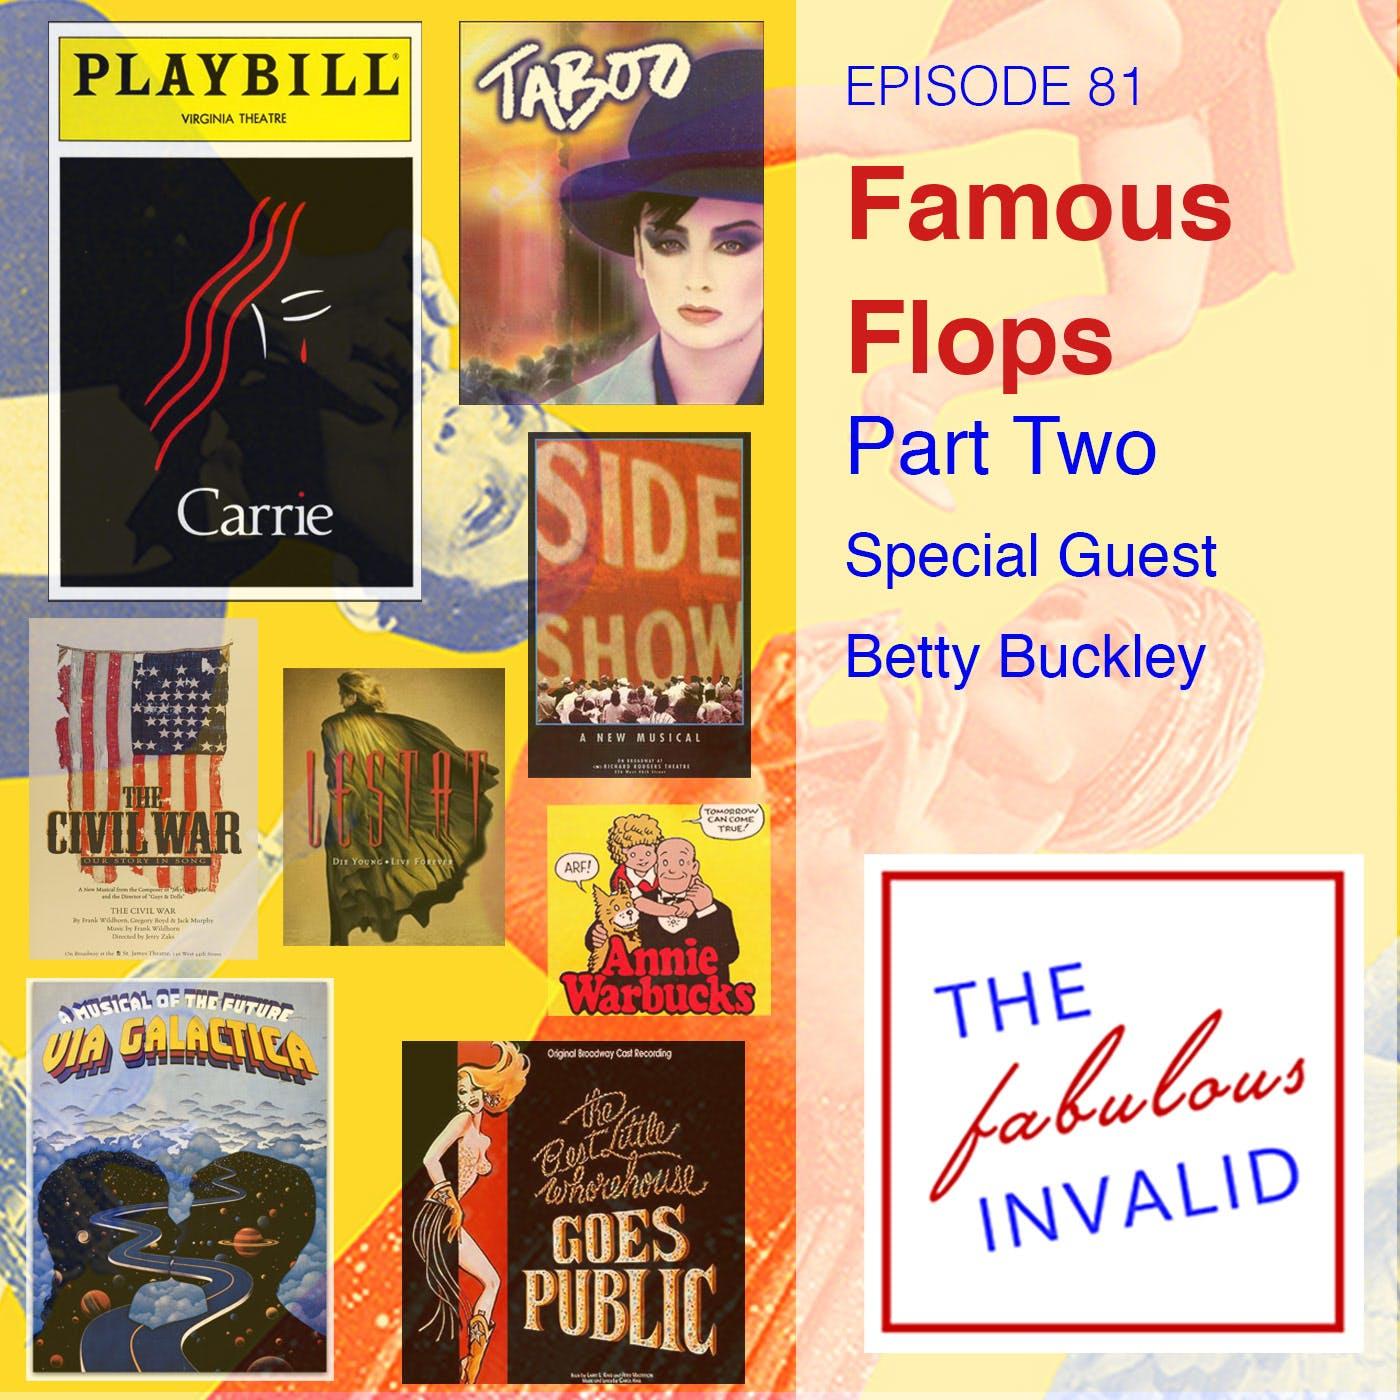 Episode 81: Famous Flops: Part Two